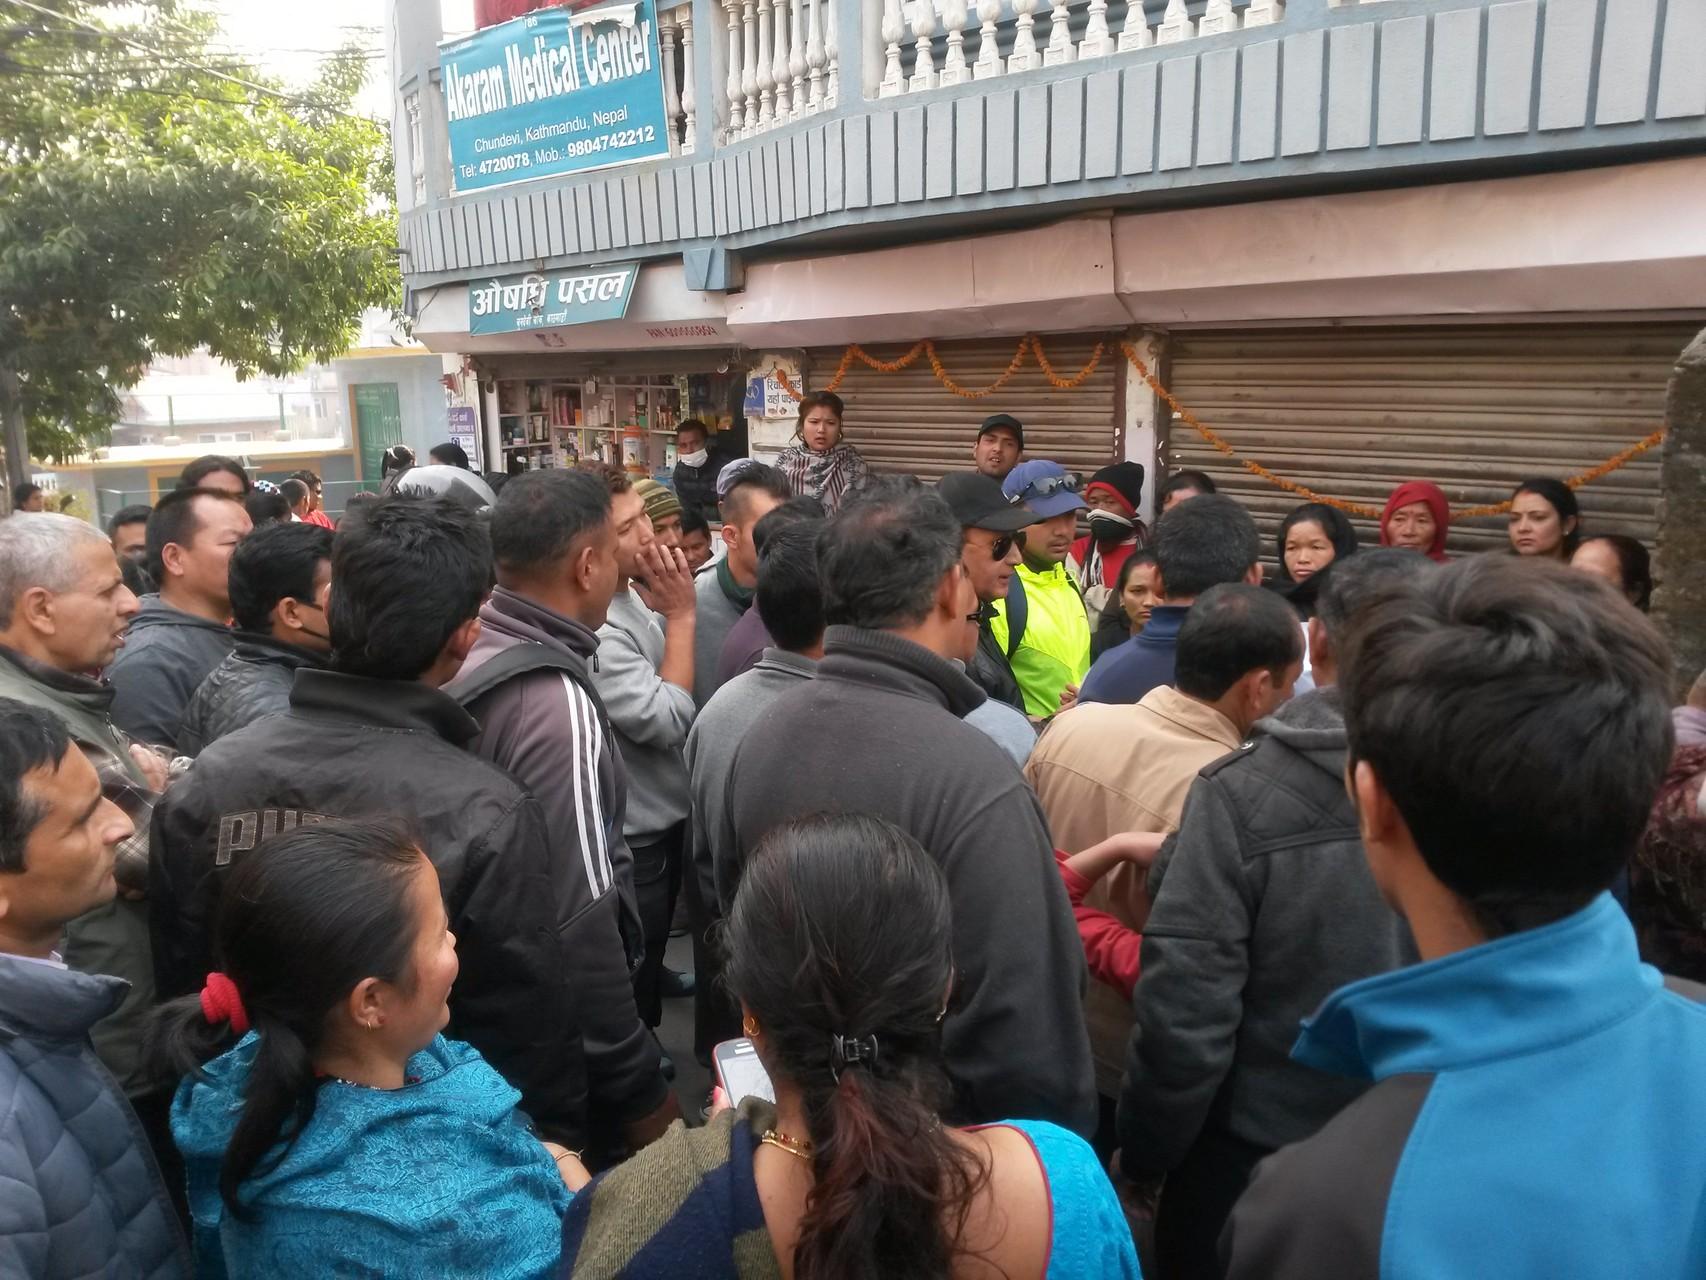 Les habitants du quartier manifestent leur mécontentement face à l'absence de gaz